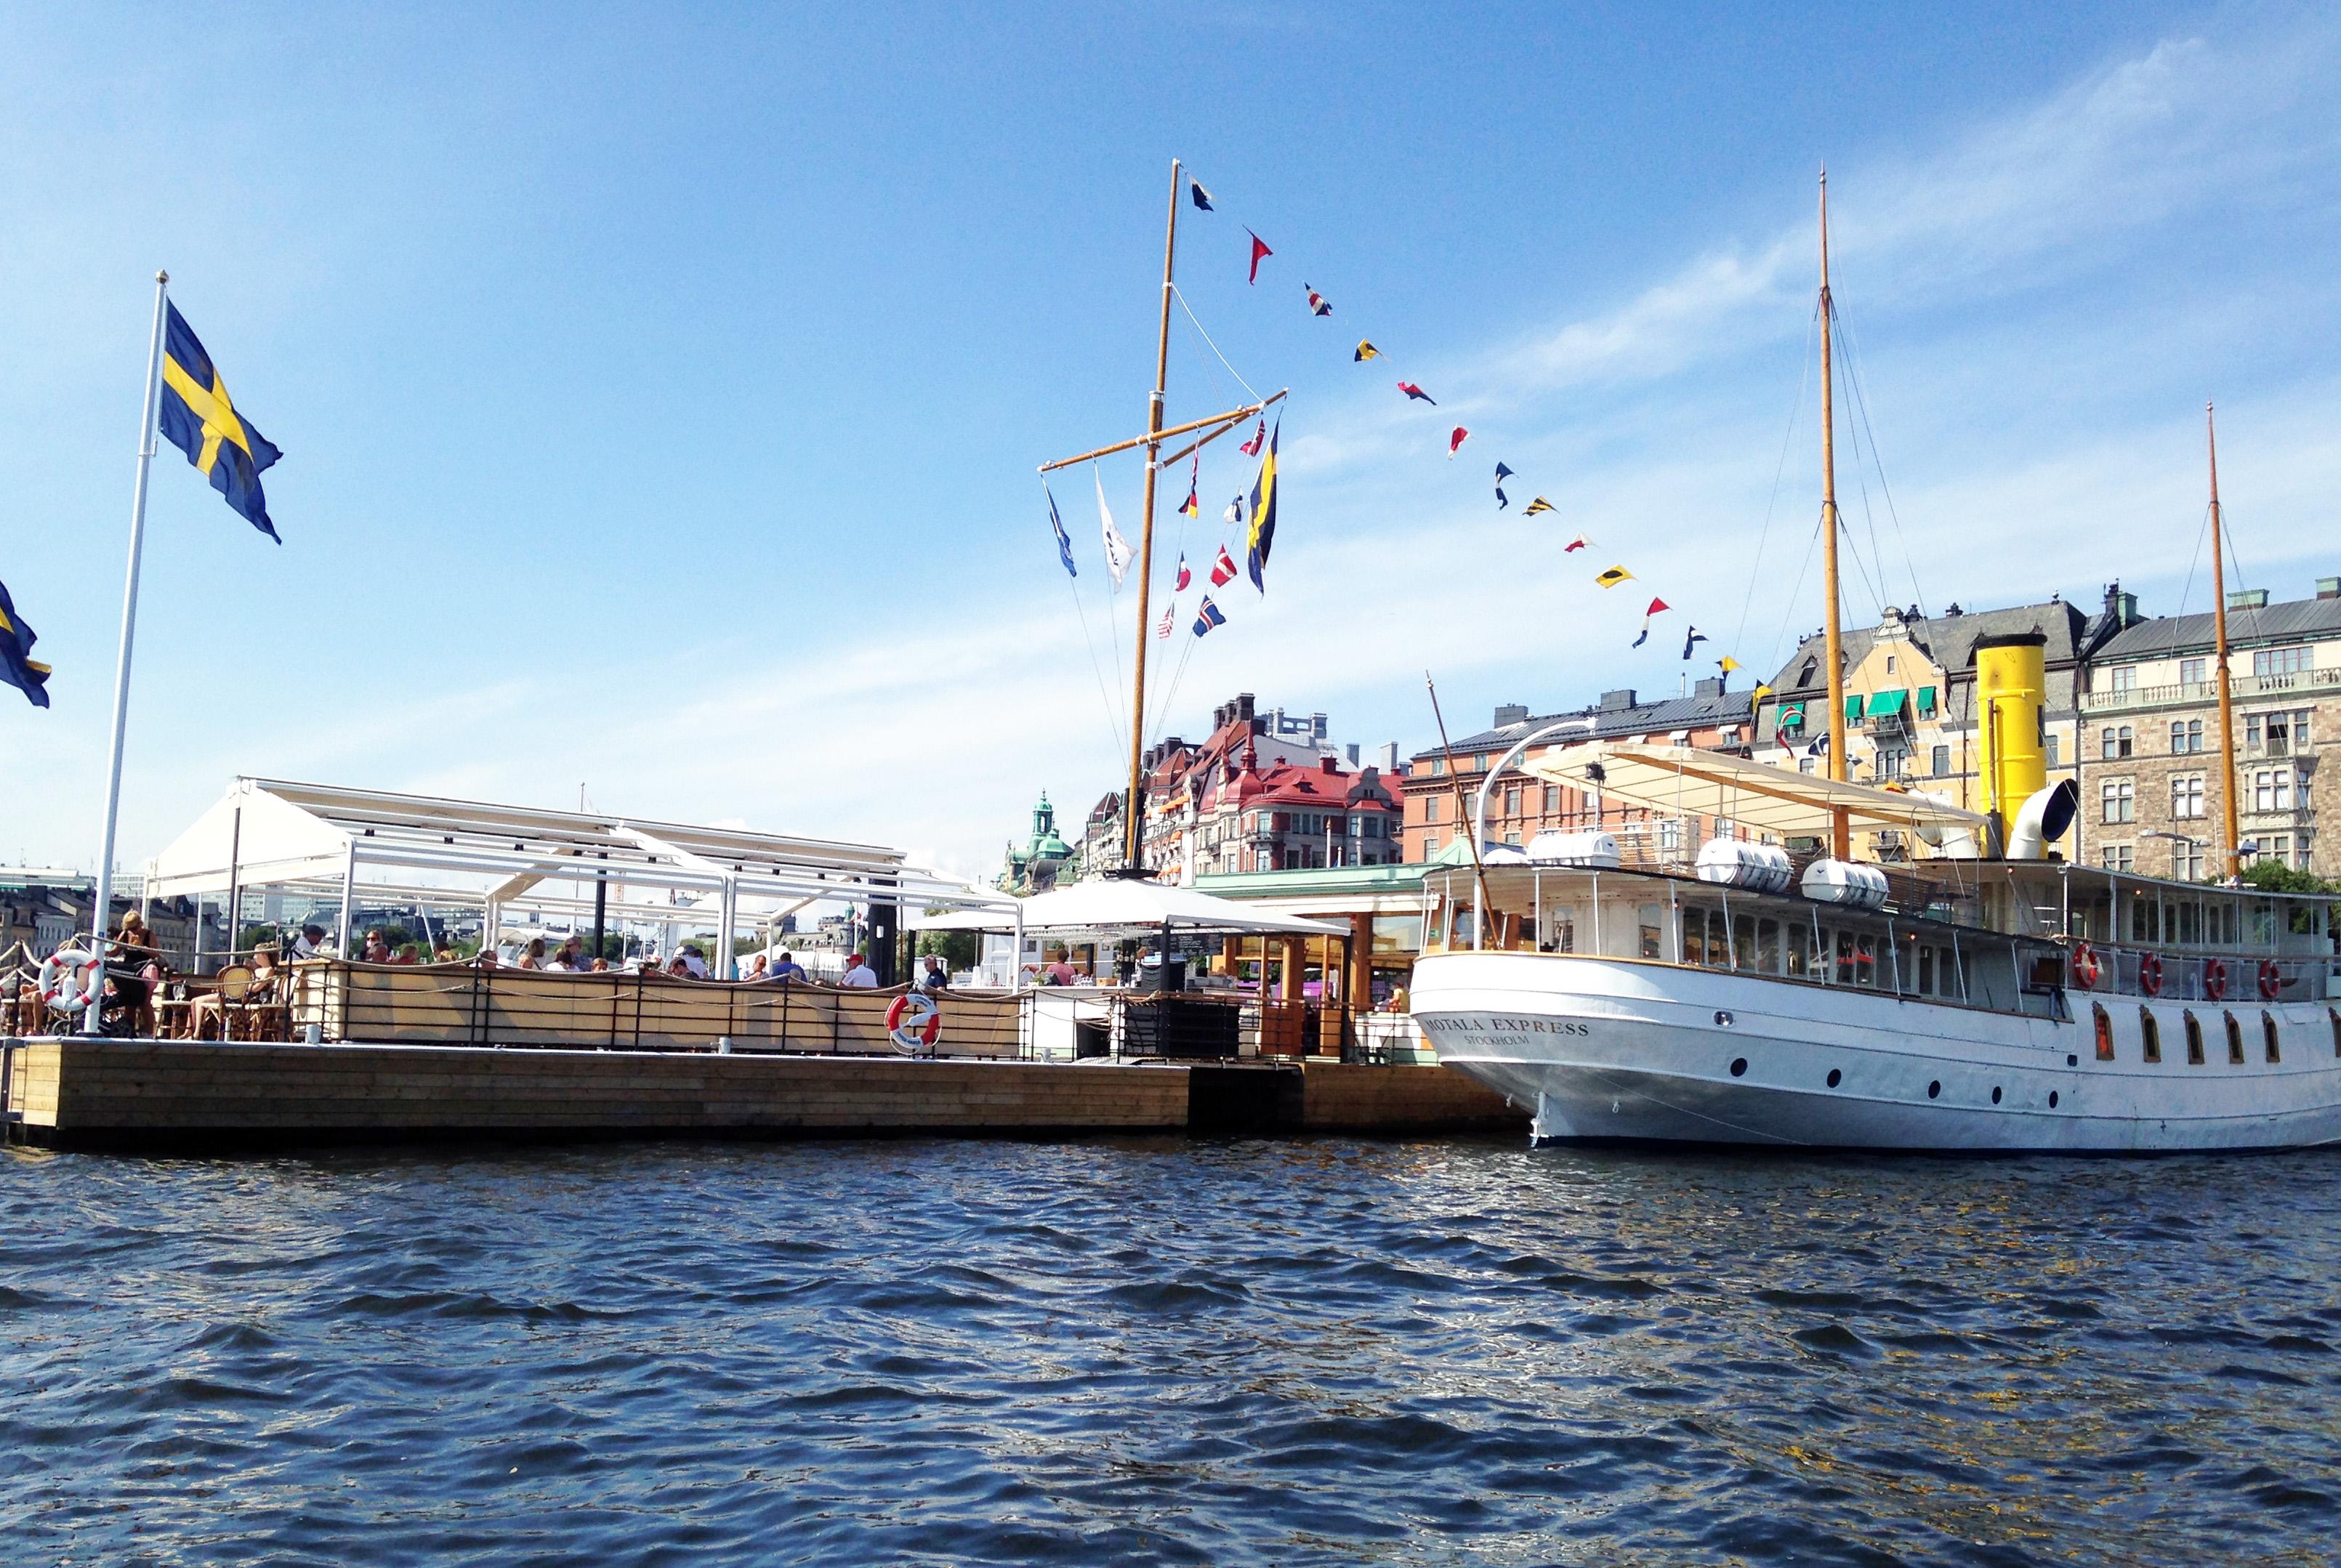 """På en """"hop-on hop-off""""-båt i Stockholms farvatten"""